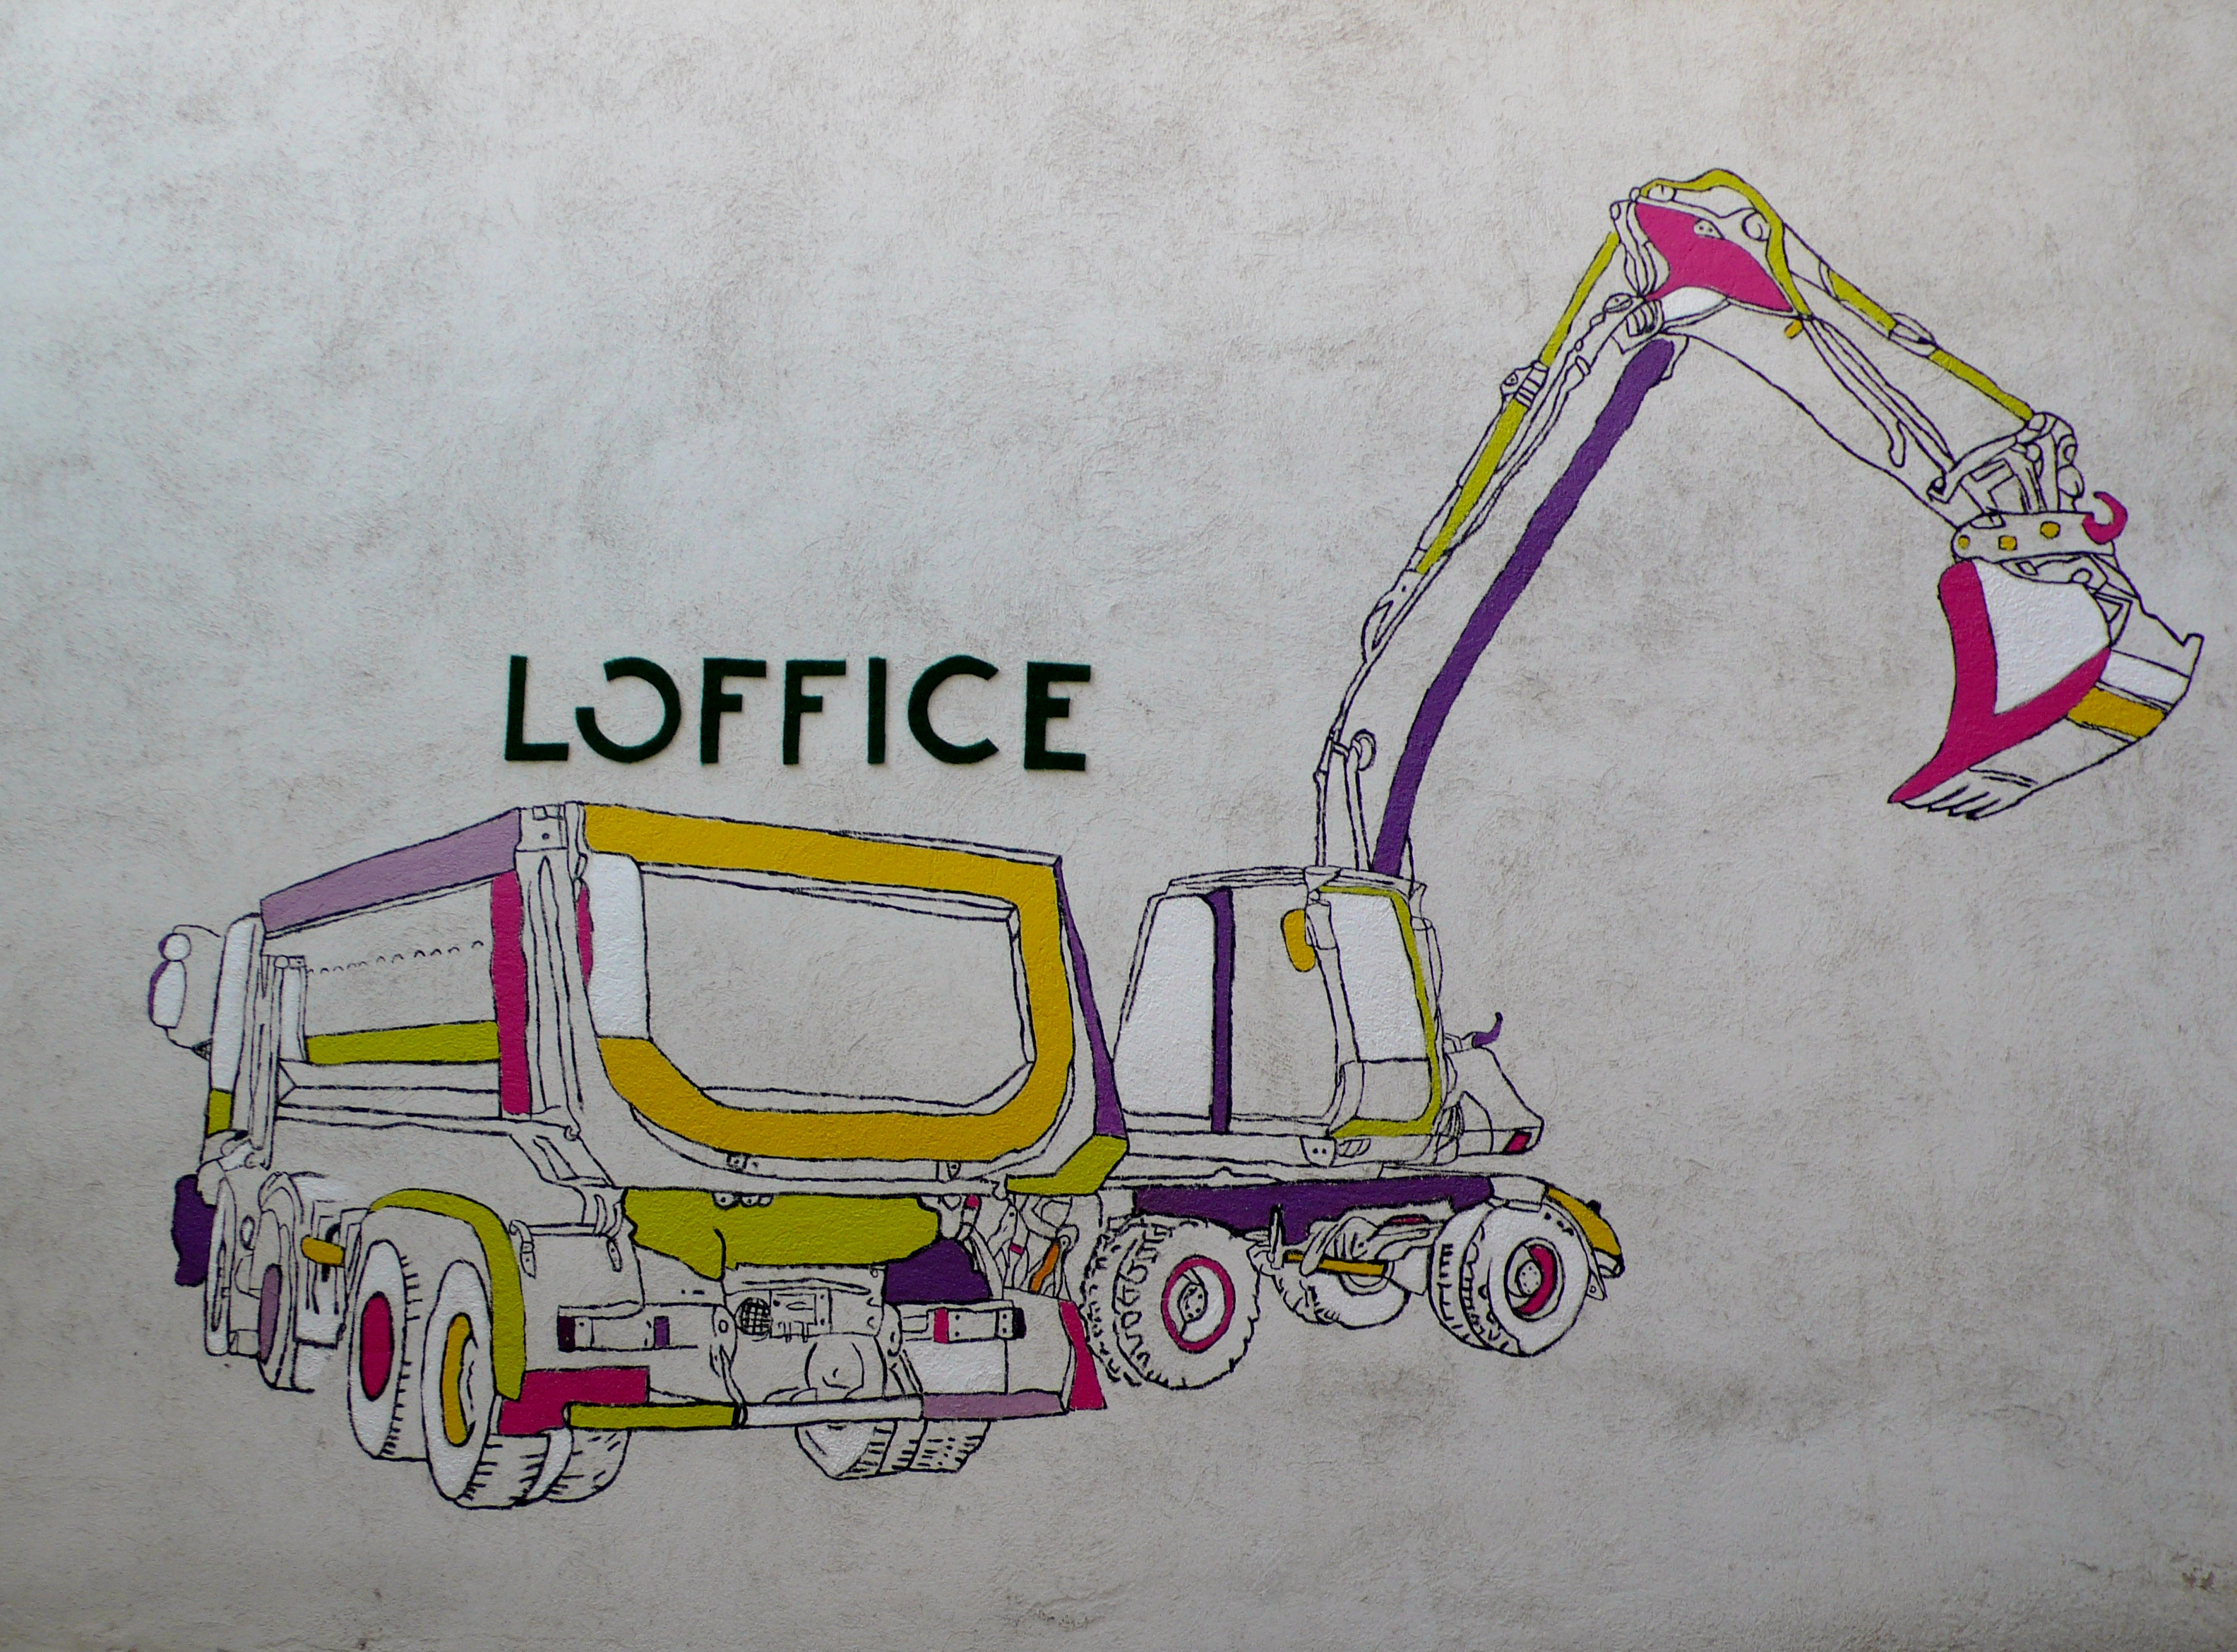 Loffice 1